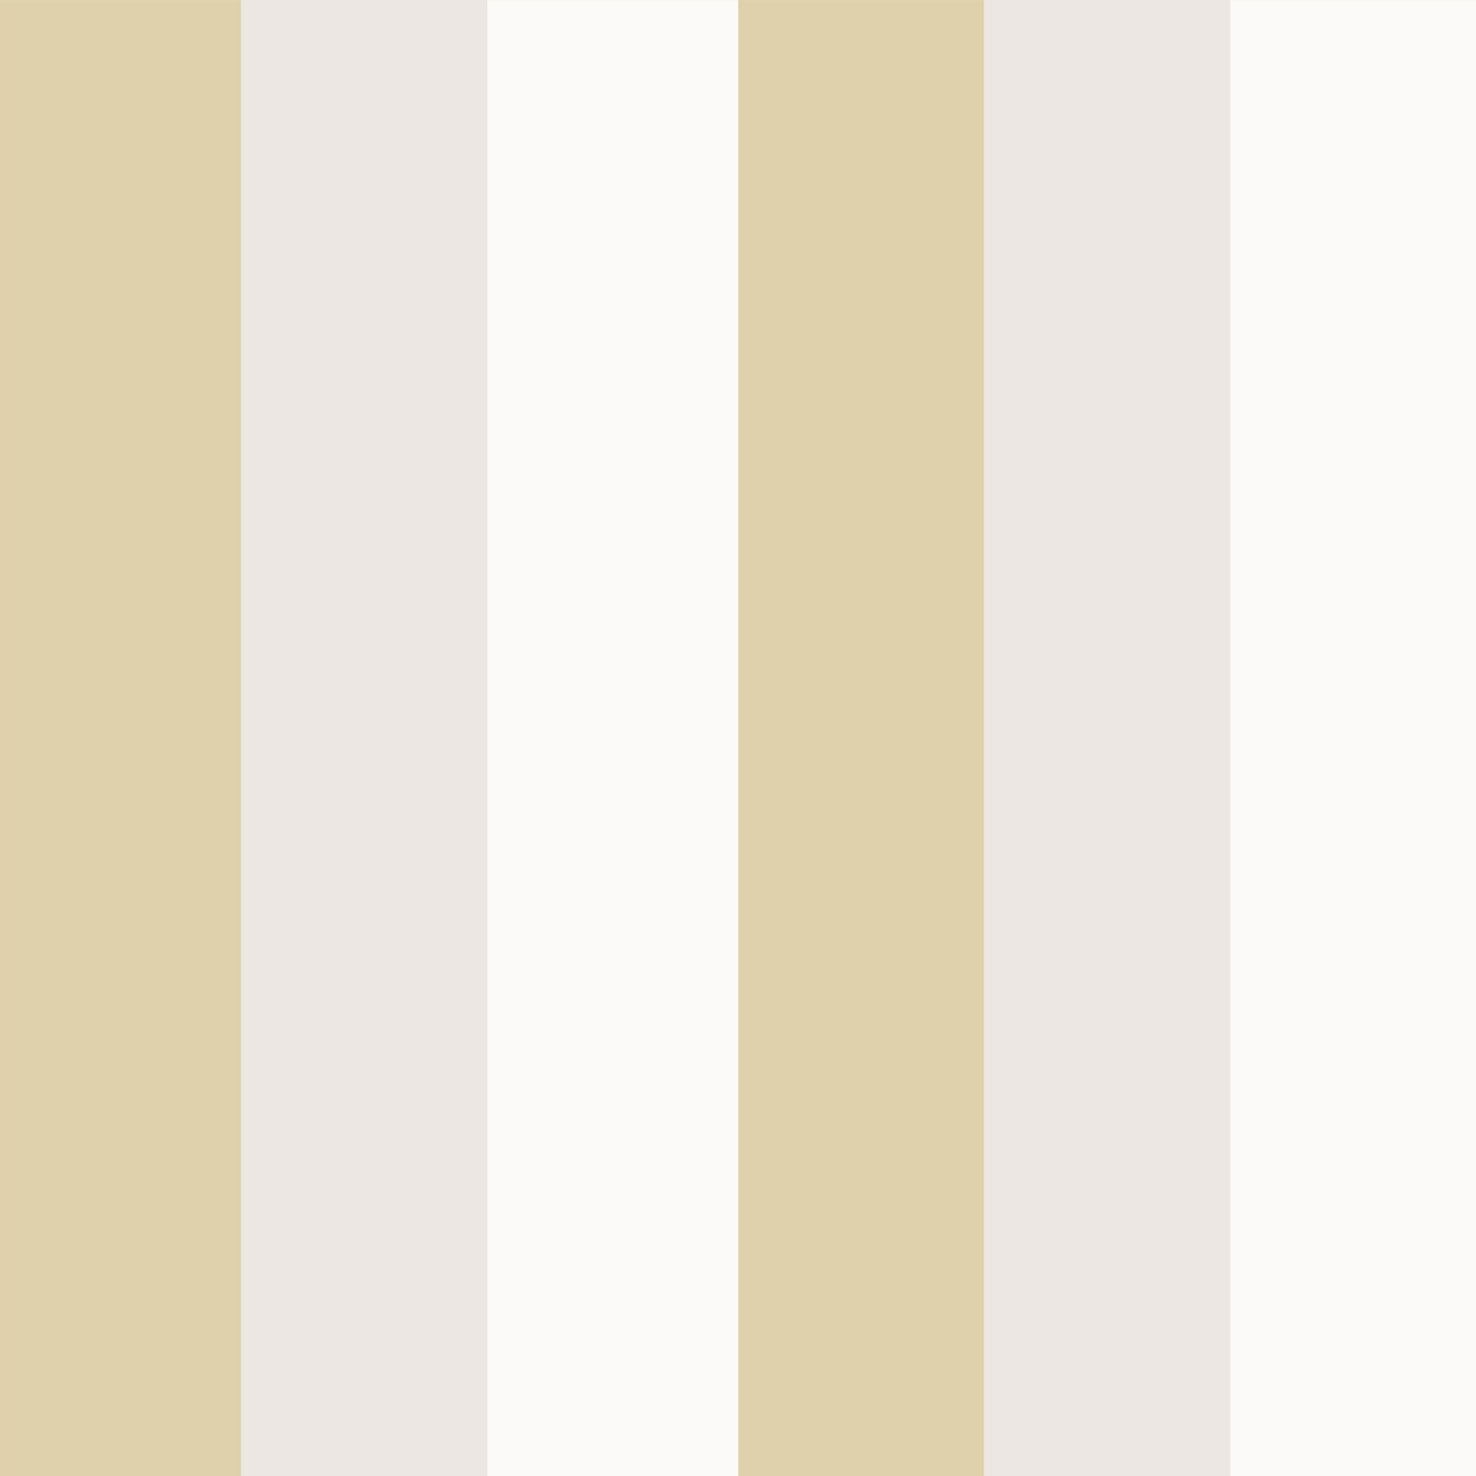 Tapete Papier Gestreift Rasch Textil gold grau 330303